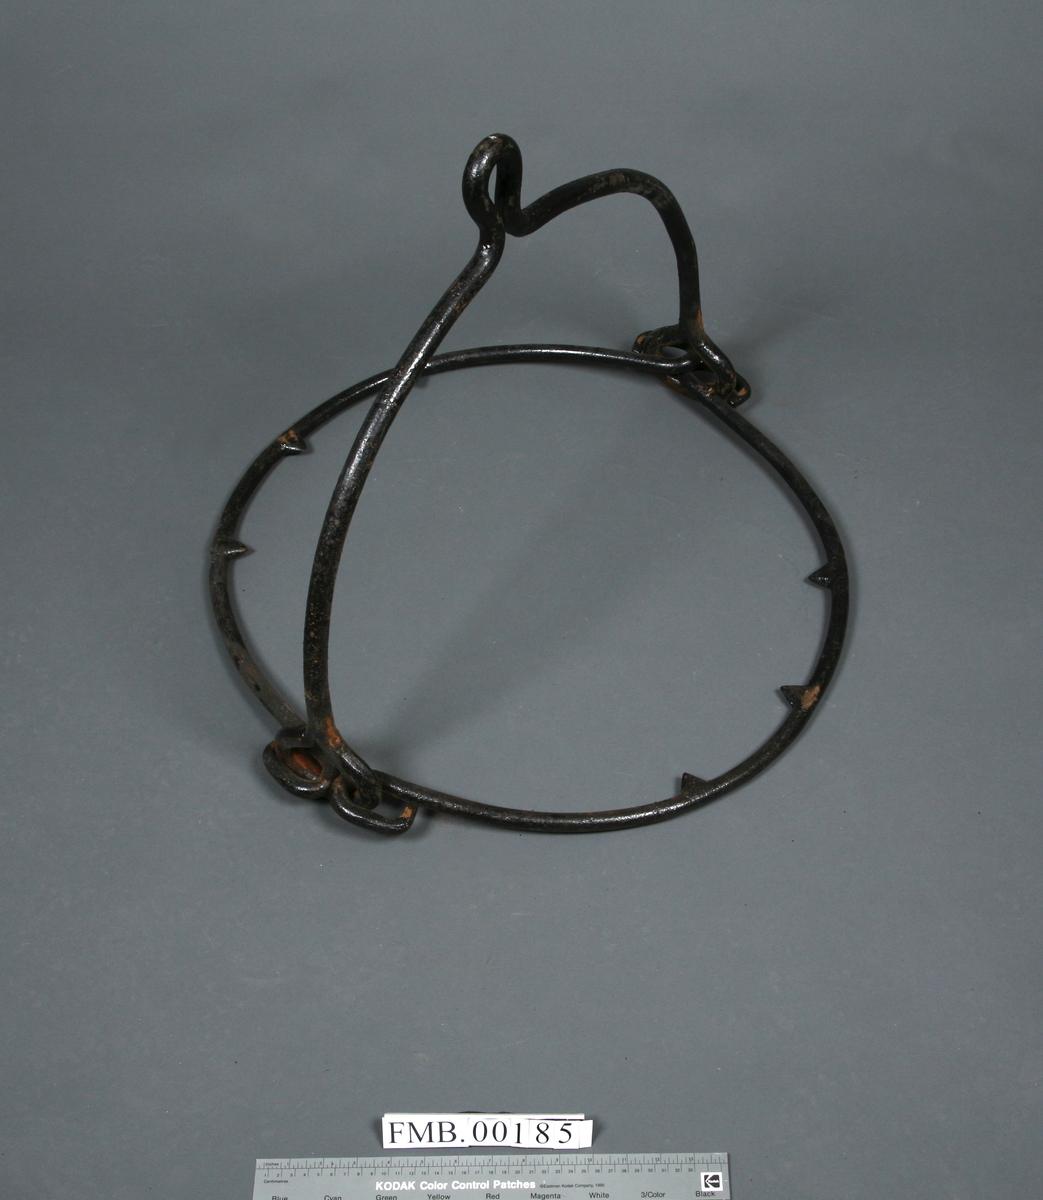 3 halvsirkelformete ledd, koblet sammen via 2 øyer, det ene leddet har en ring midt på toppen. Leddene har gripetagger.